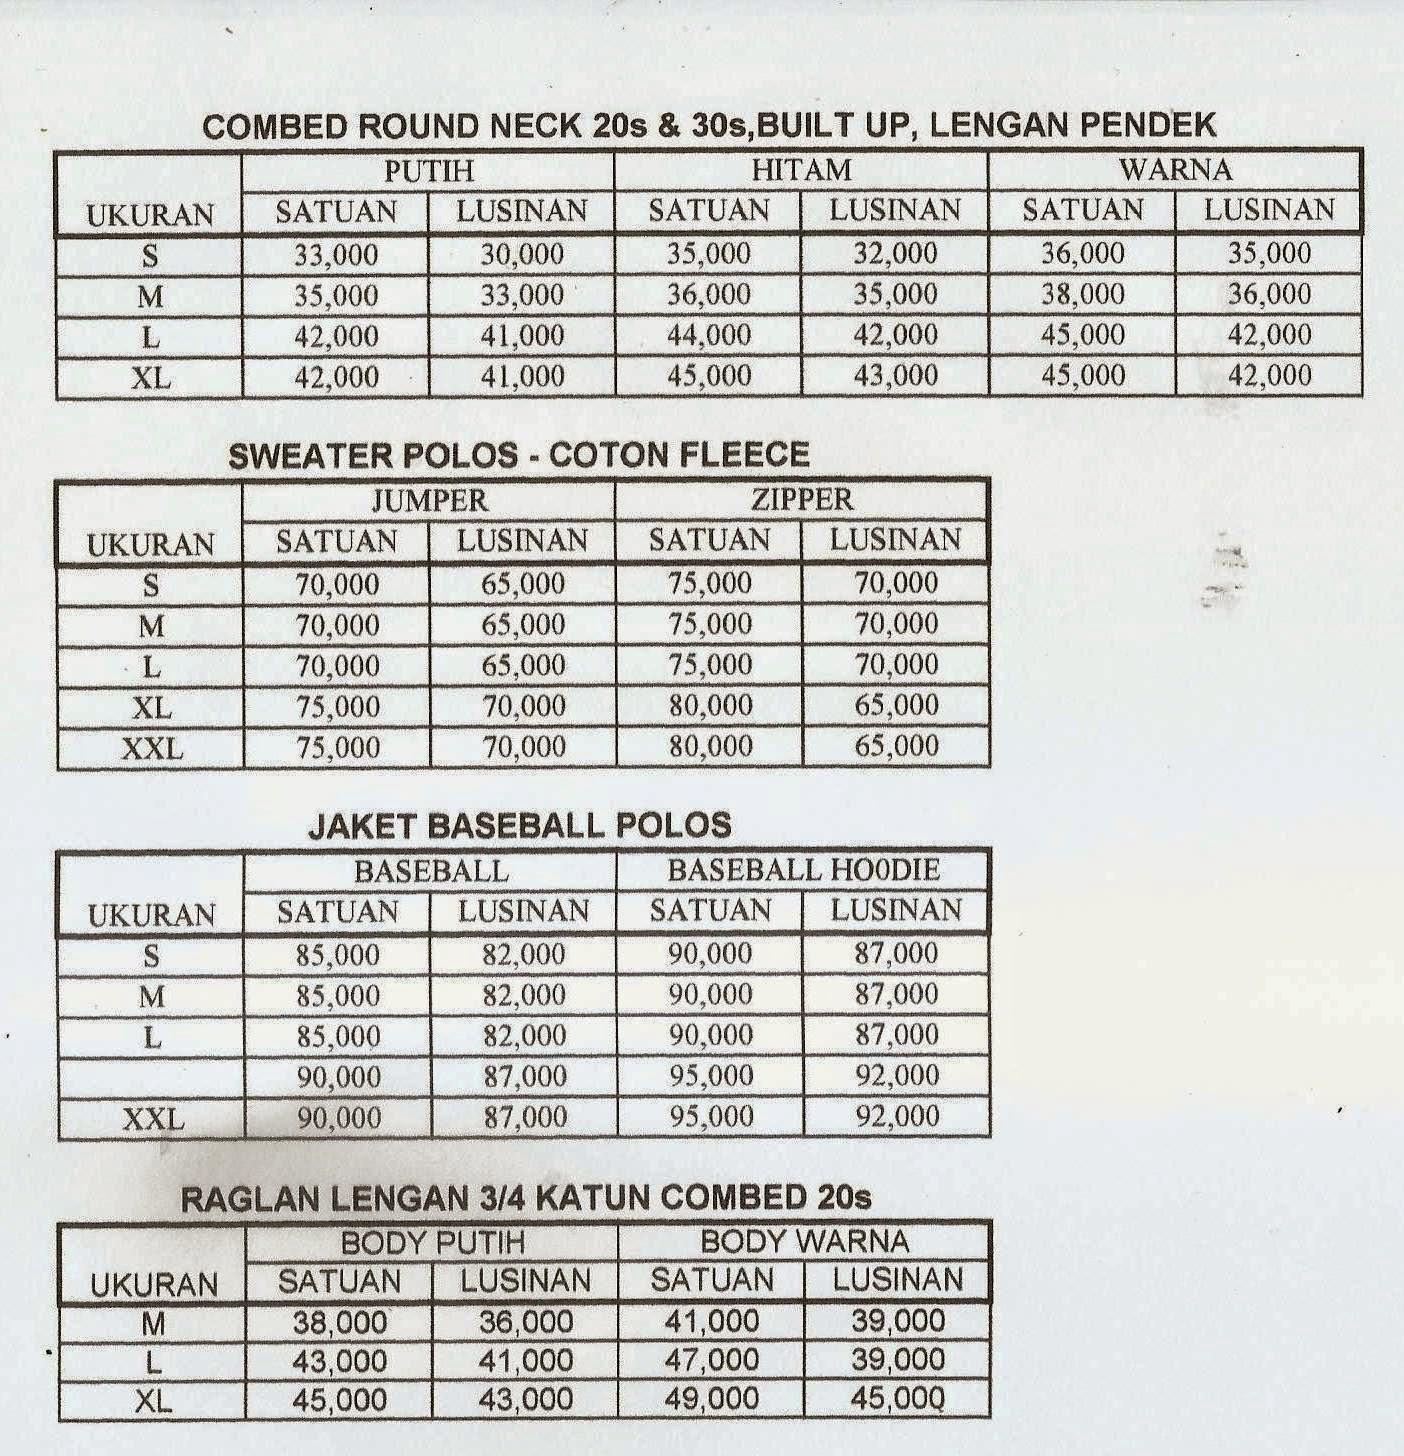 Polos Djawa Clooth 2014 Size L Kaos Cotton Combed Lengan Panjang 20s Handphone 085695502603 Pin 7ed25006